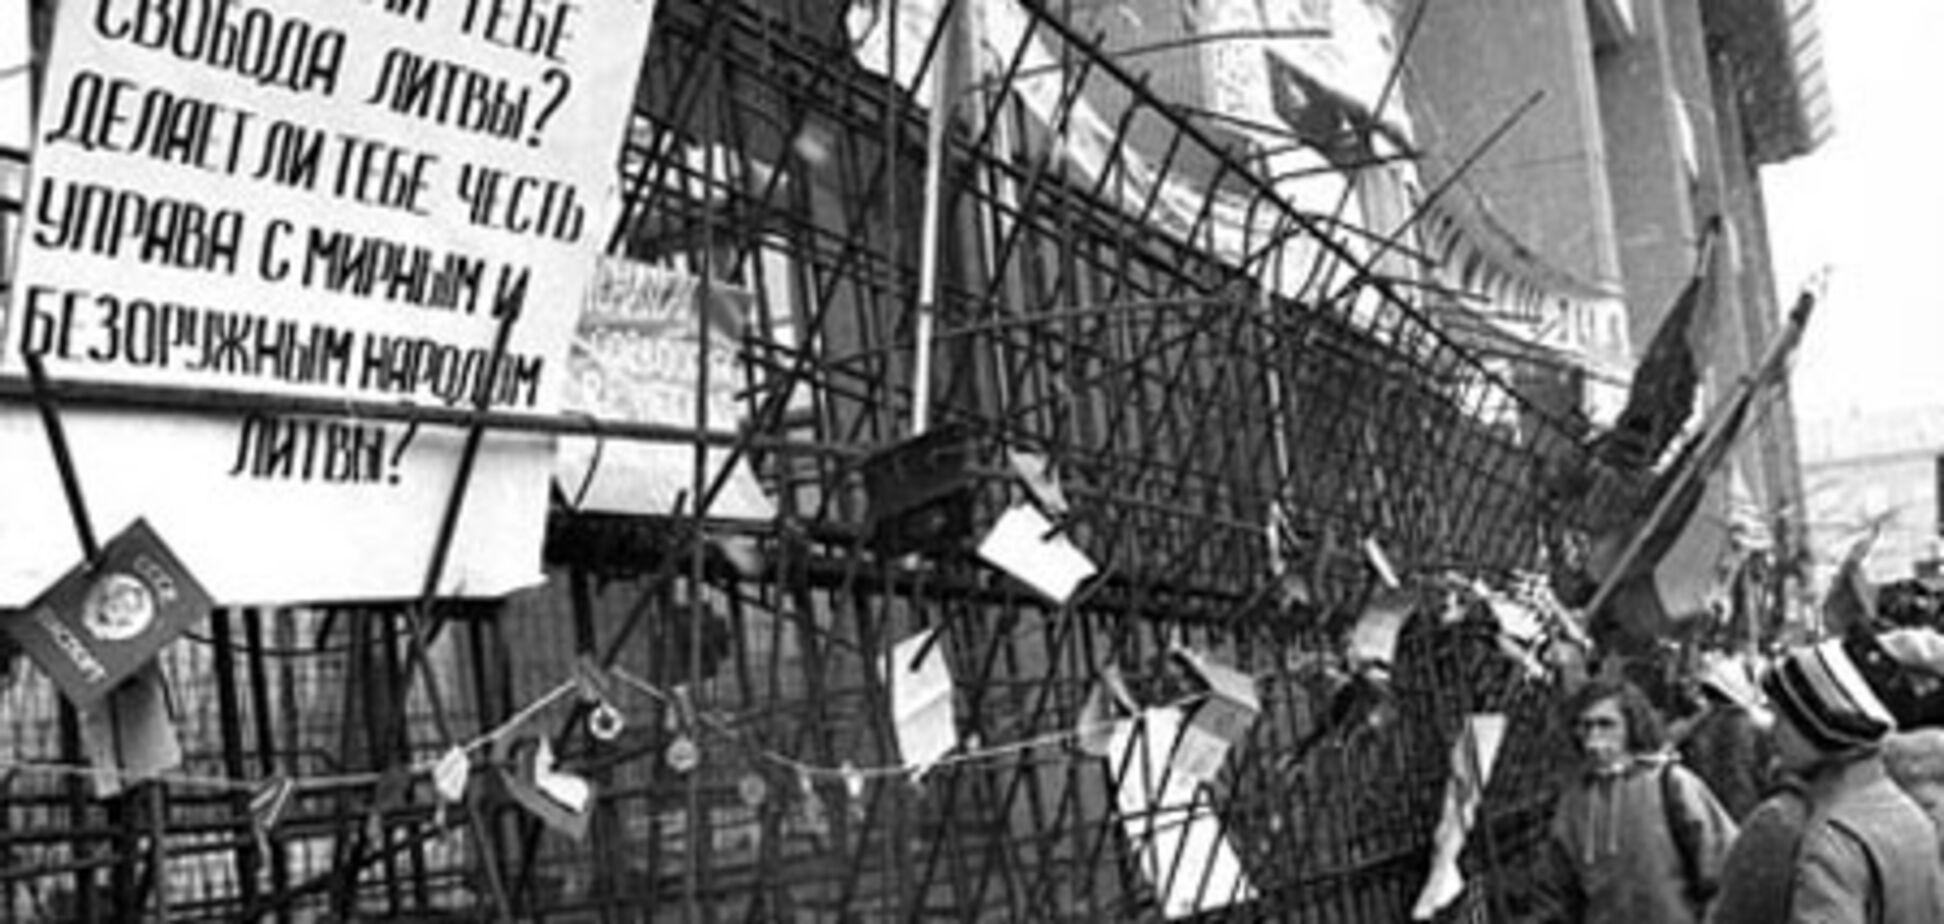 20 років тому. 'Альфа' захопила телецентр Вільнюса. ФОТО